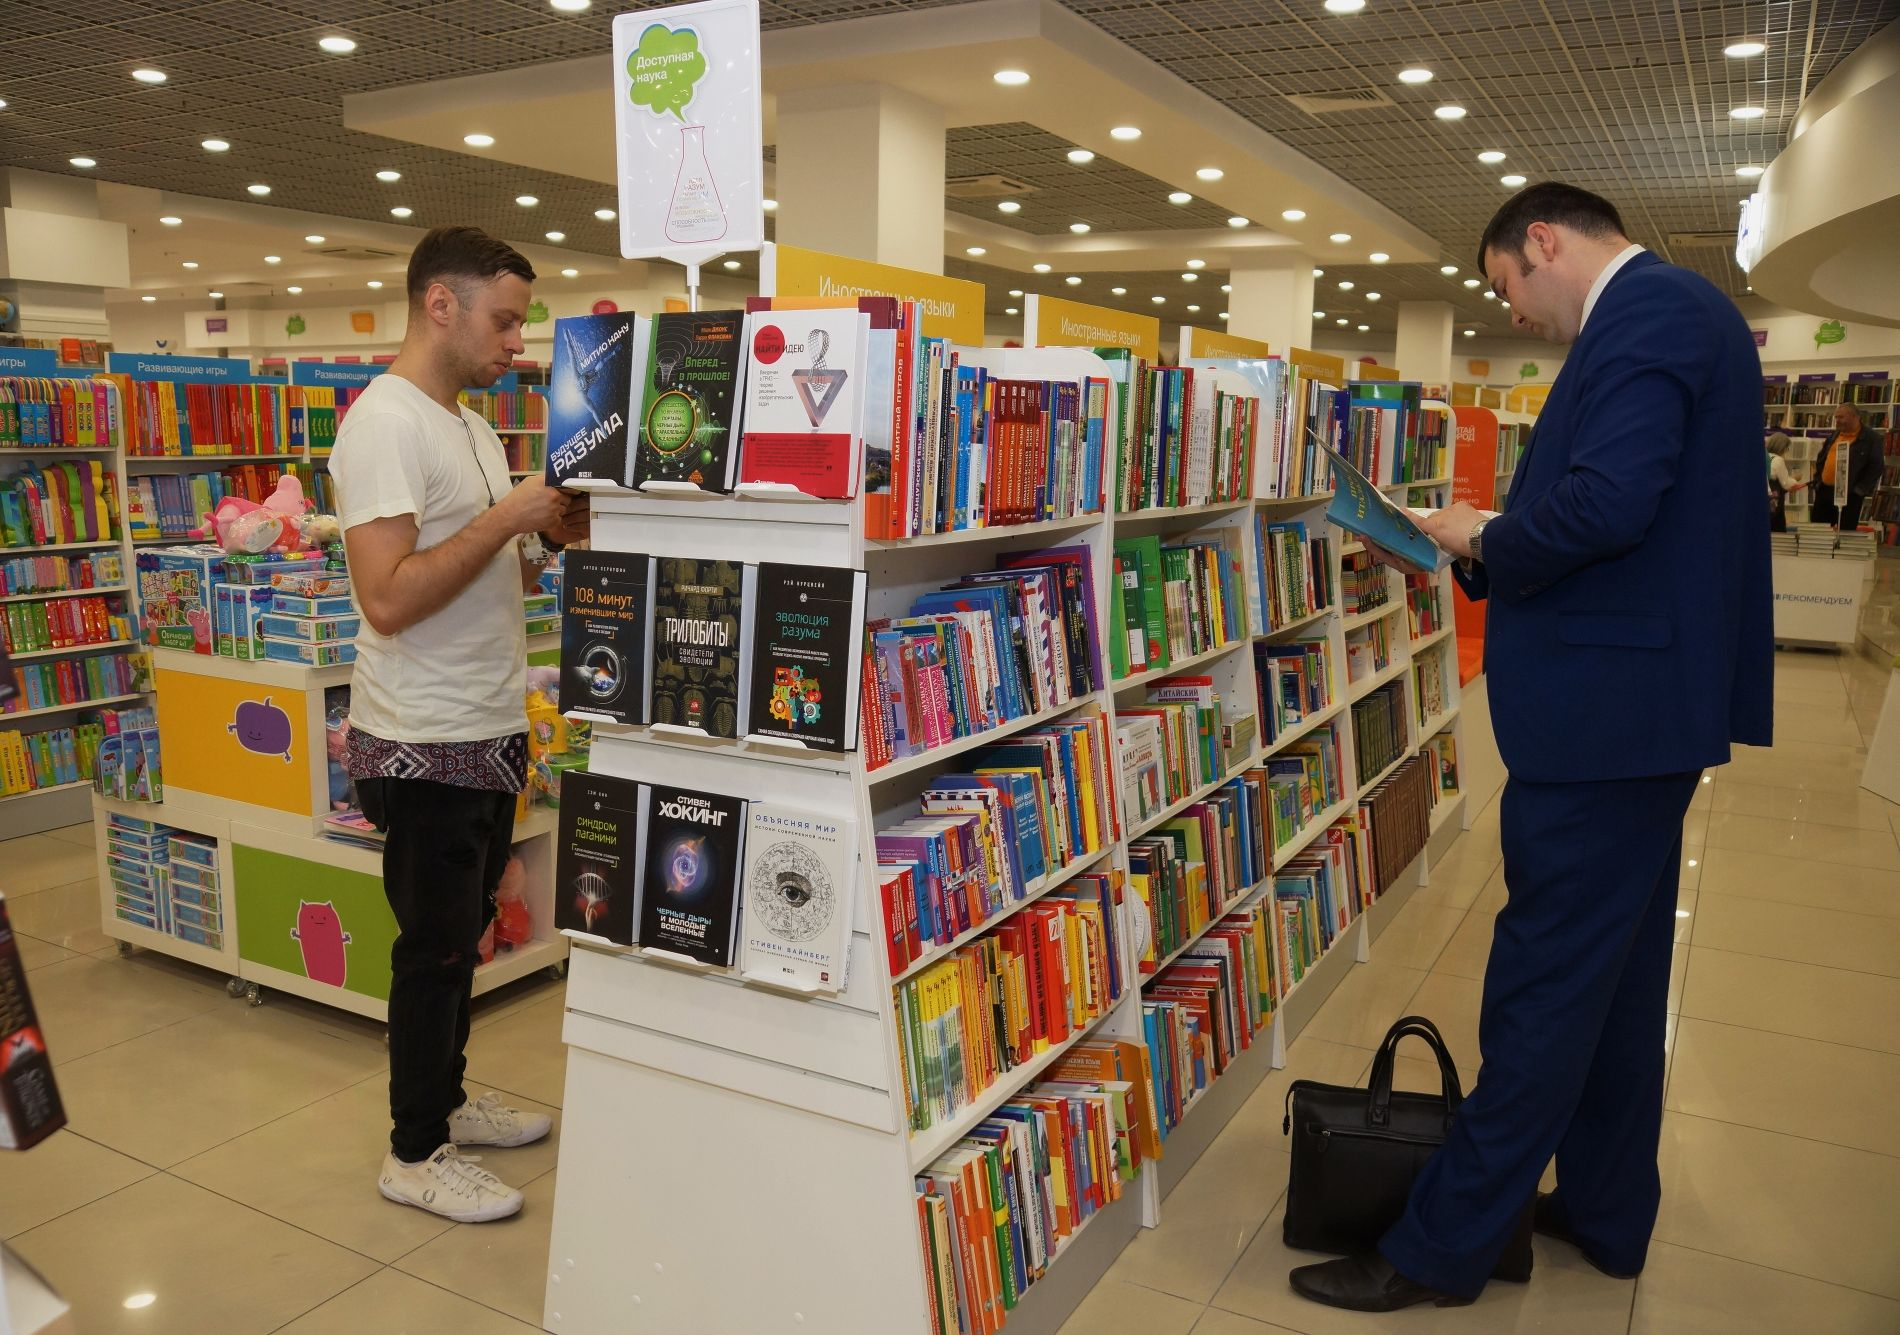 Спецификой оборудования для книжного магазина является предоставление  возможности удобного подхода для посетителей к стеллажам и стендам 31601179615